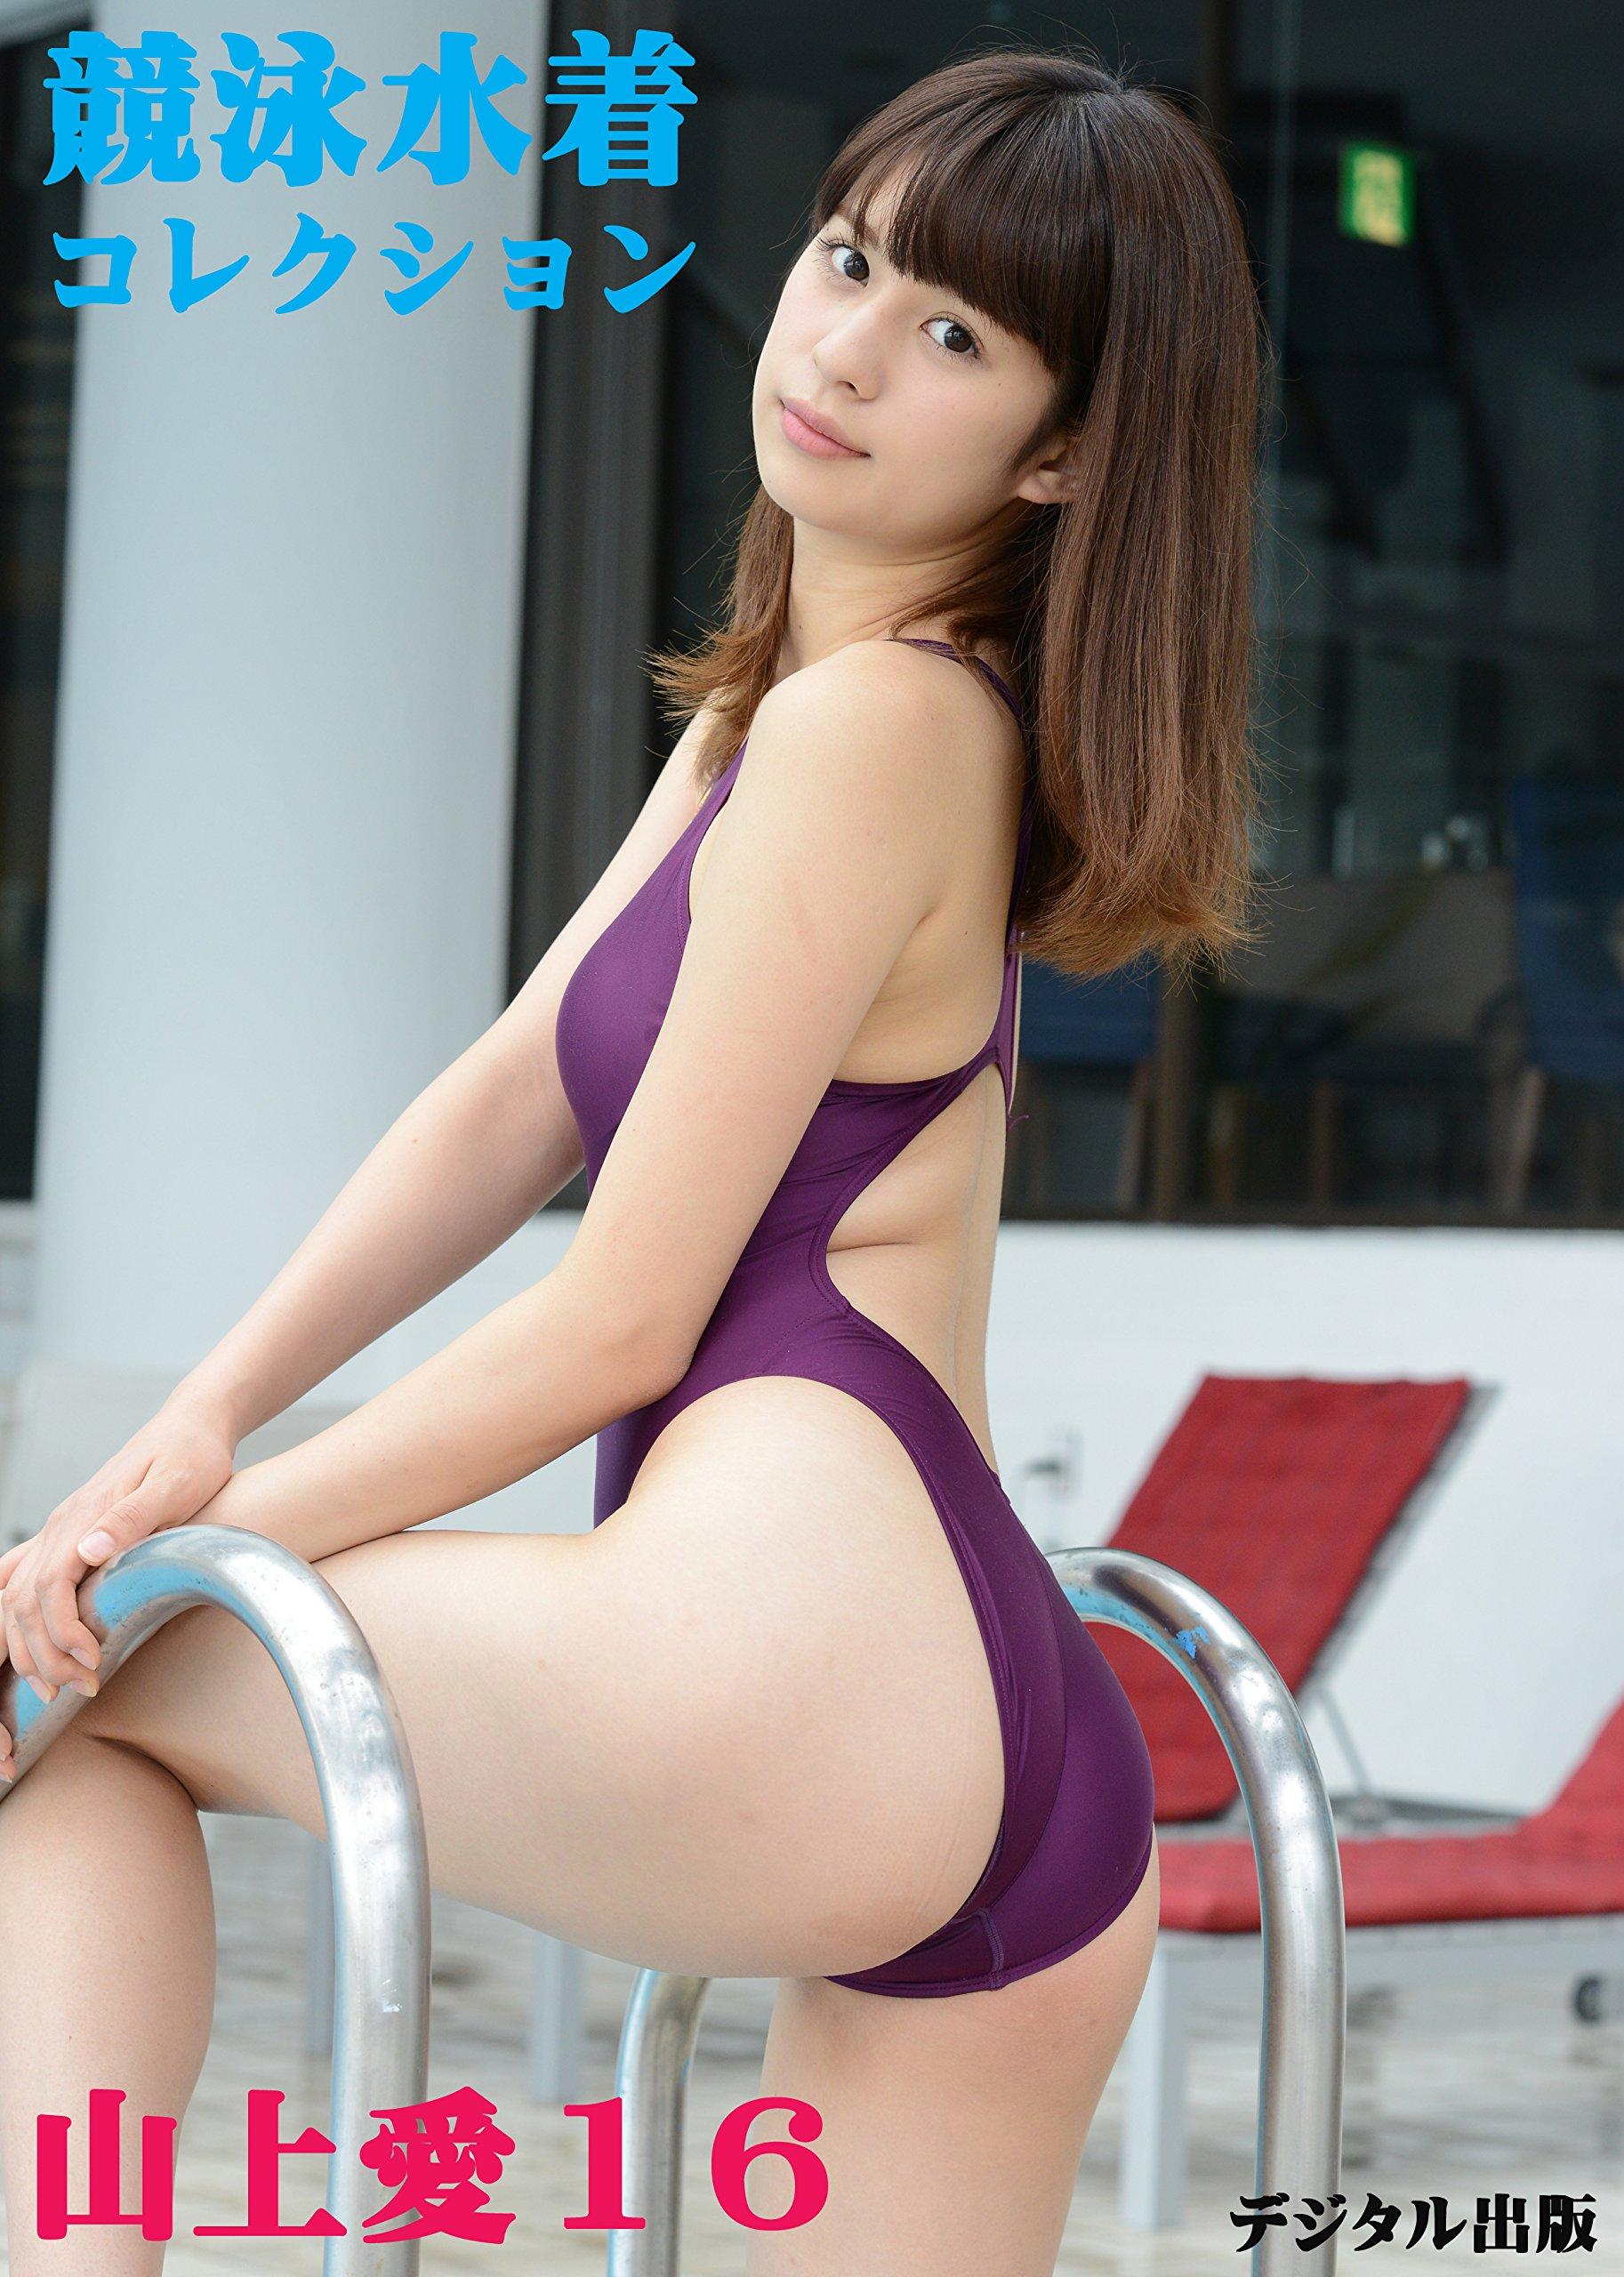 yamagami ai amp tomoeyamanaka